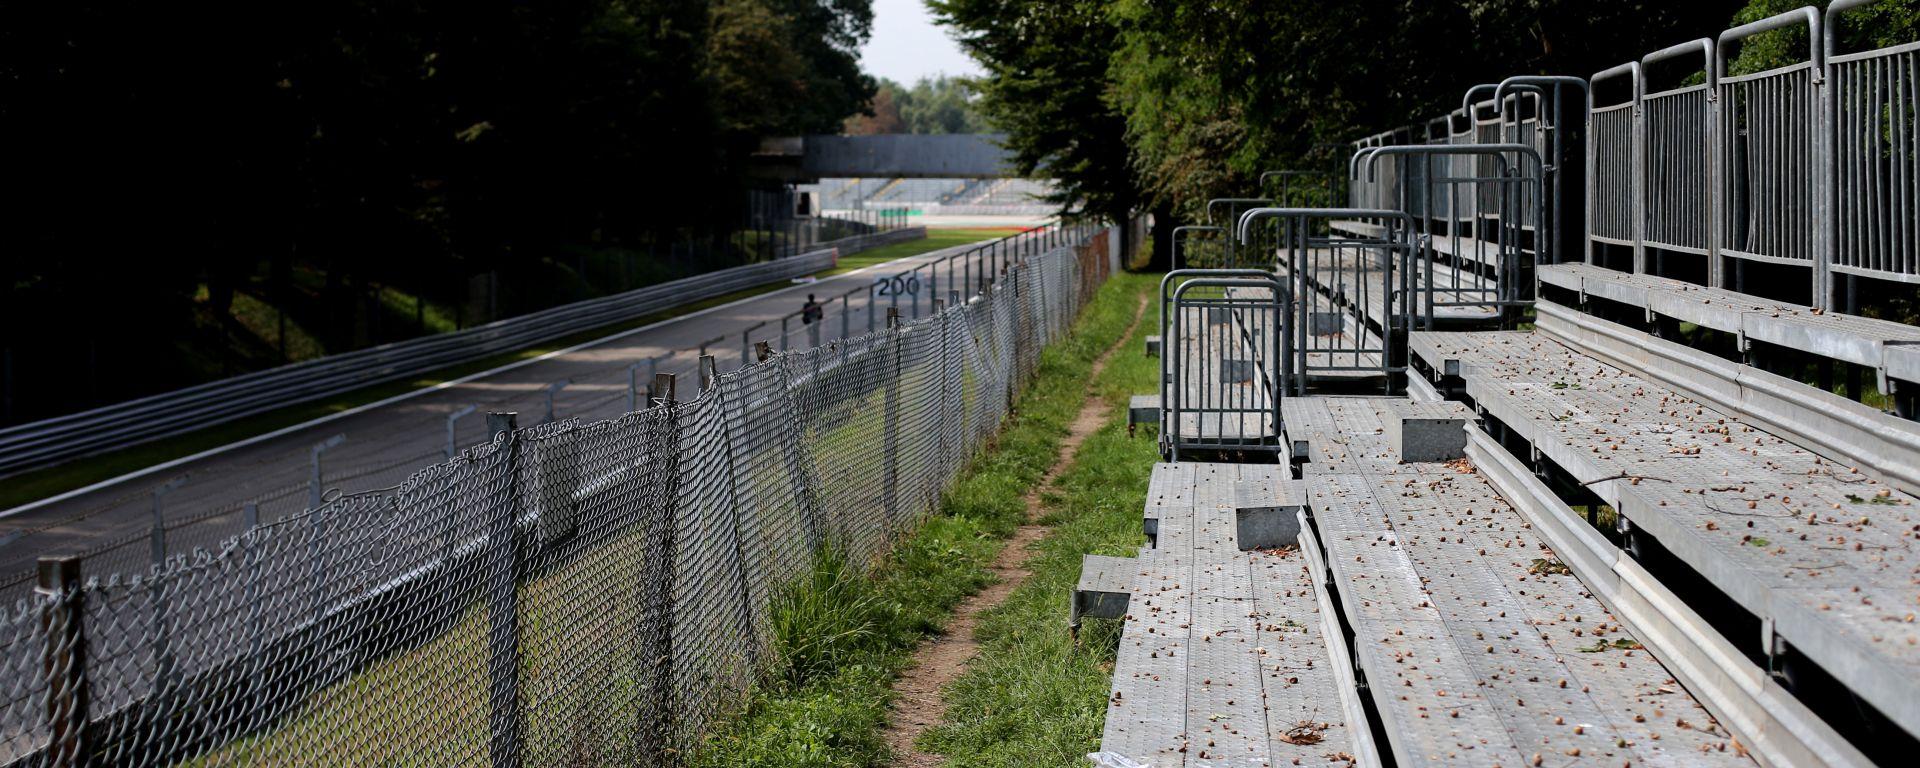 F1: le tribune vuote dell'Autodromo di Monza